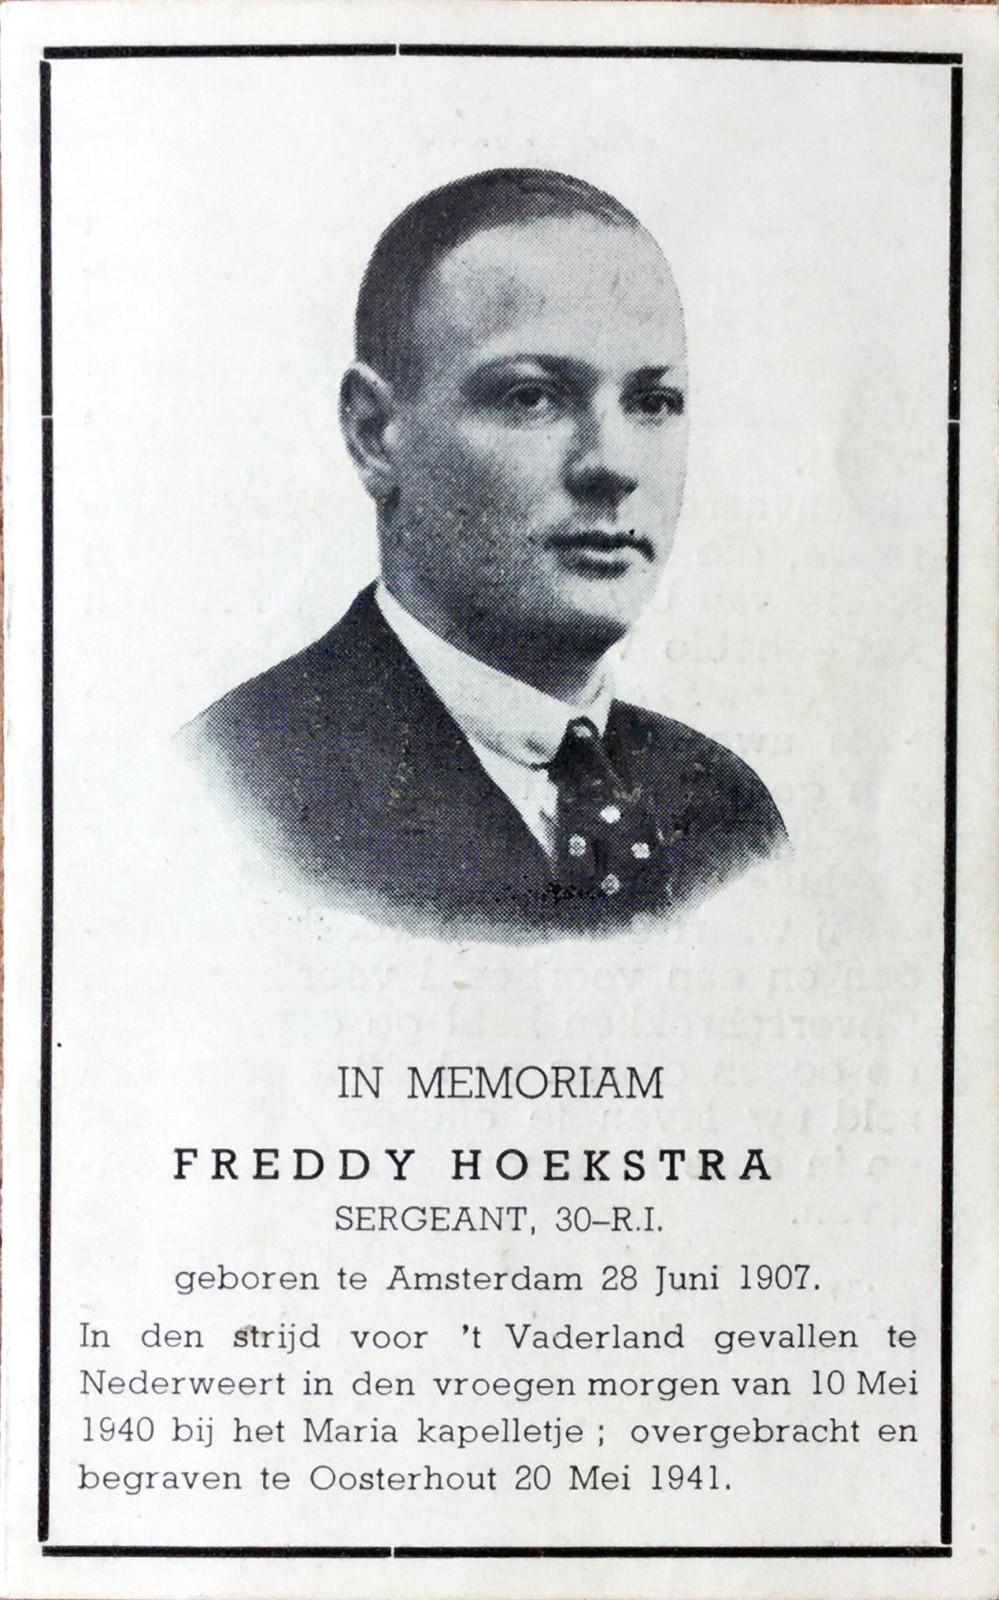 Frederikus Joannes Antonius Hoekstra